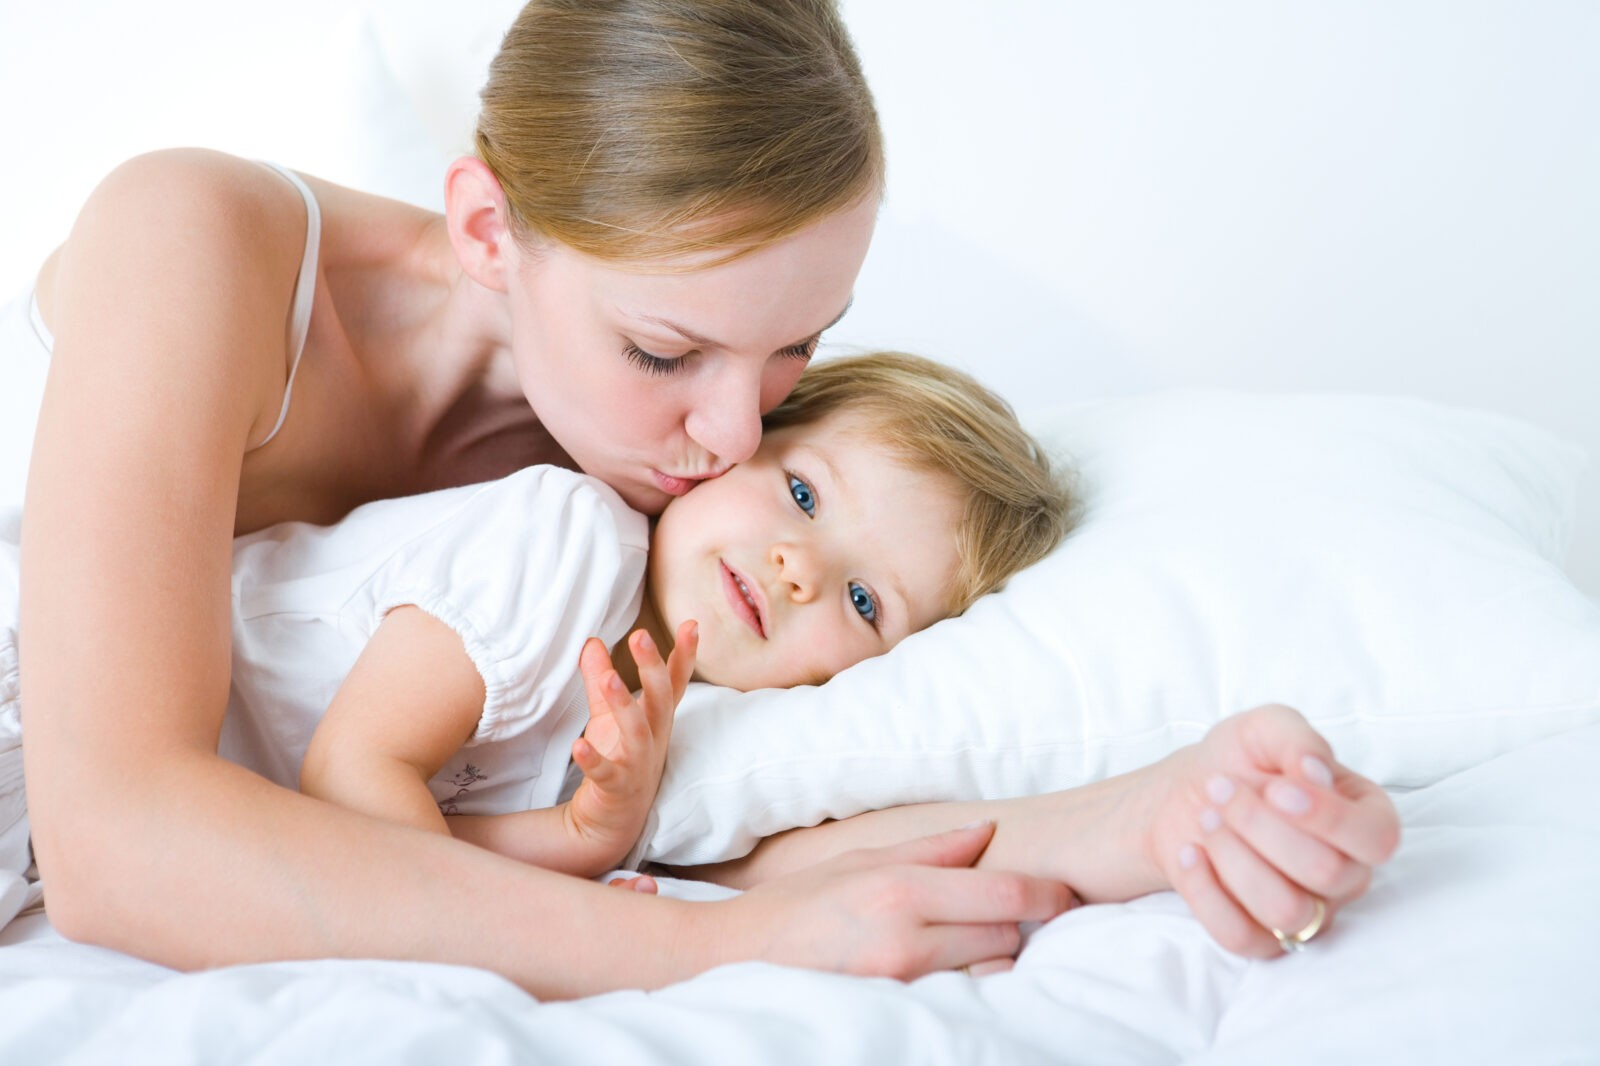 «Мамочка, ты полежишь со мной?» — о том, что действительно важно